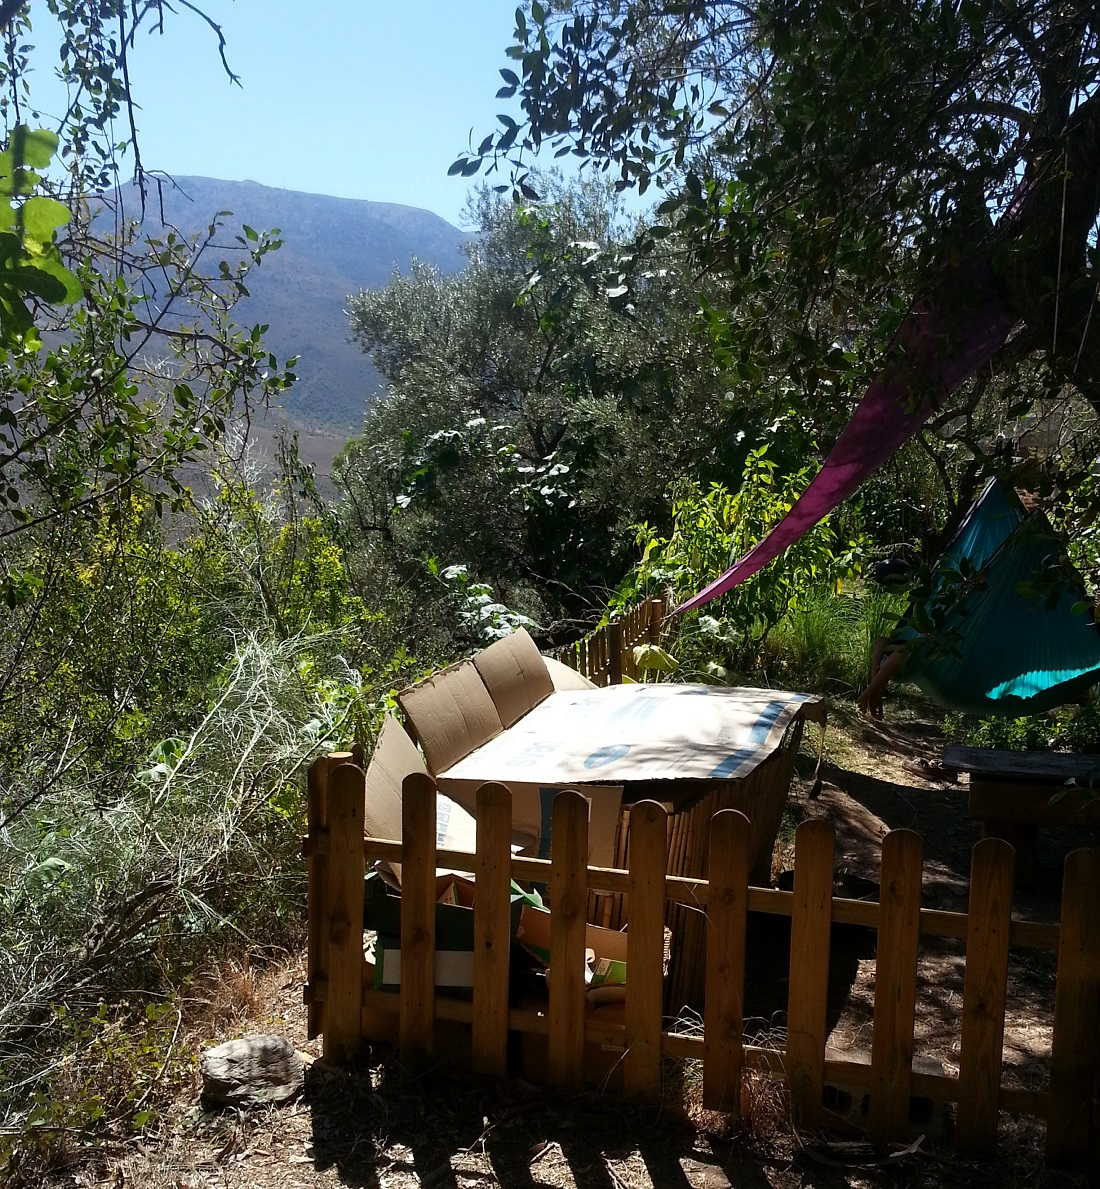 Der Permakultur Design Kurs fand in der Sierra Nevada statt - in den Bergen. Das Gelände war terrassenförmig angelegt. Hier die Wurm-Farm auf der obersten Terrasse ...